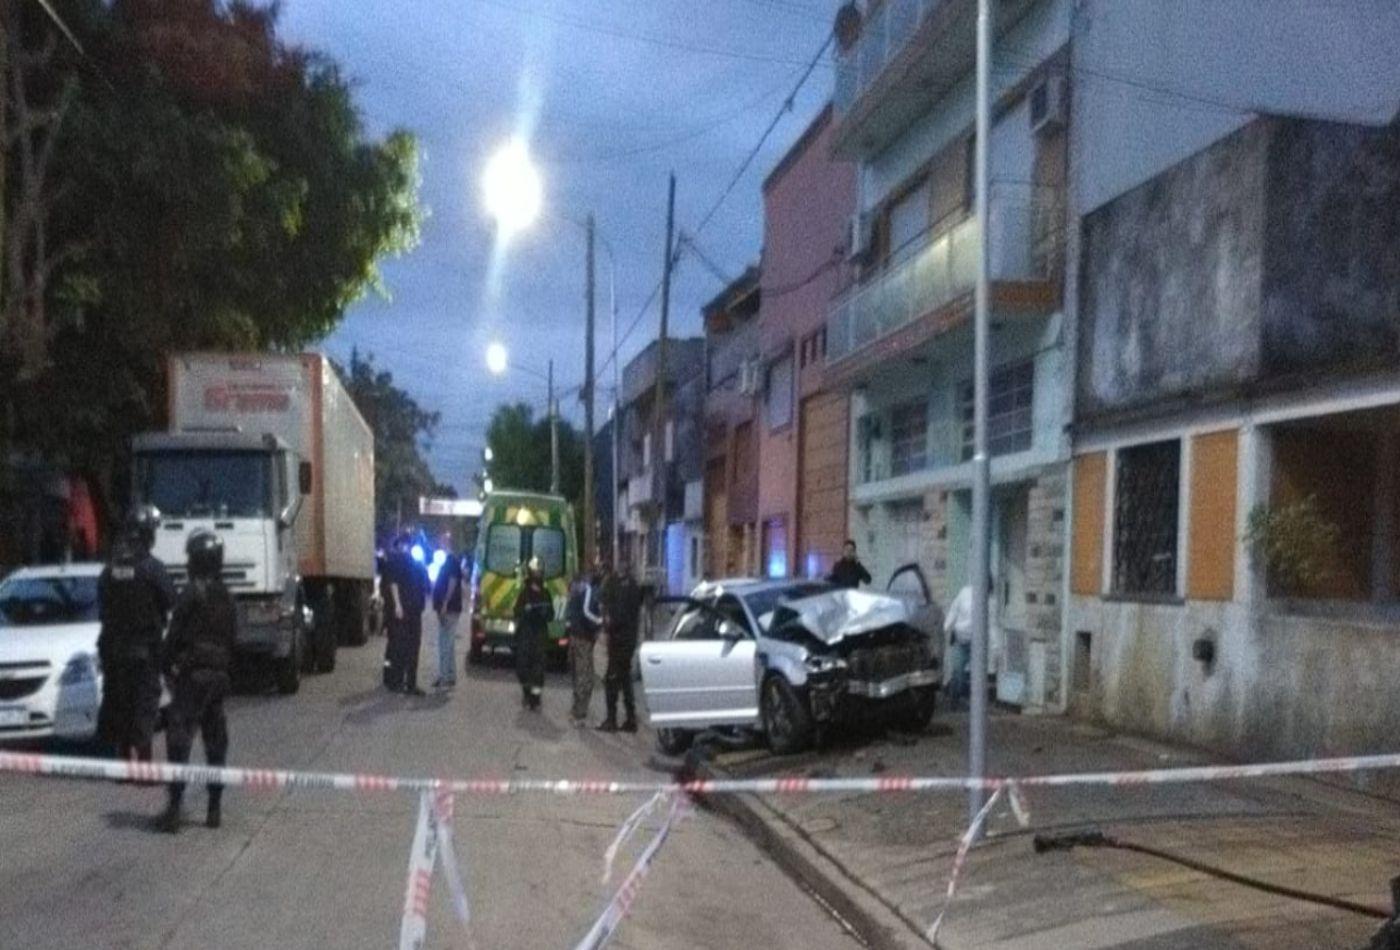 Lo mataron para robarle el auto en Lanús: manejó con un tiro en la cabeza